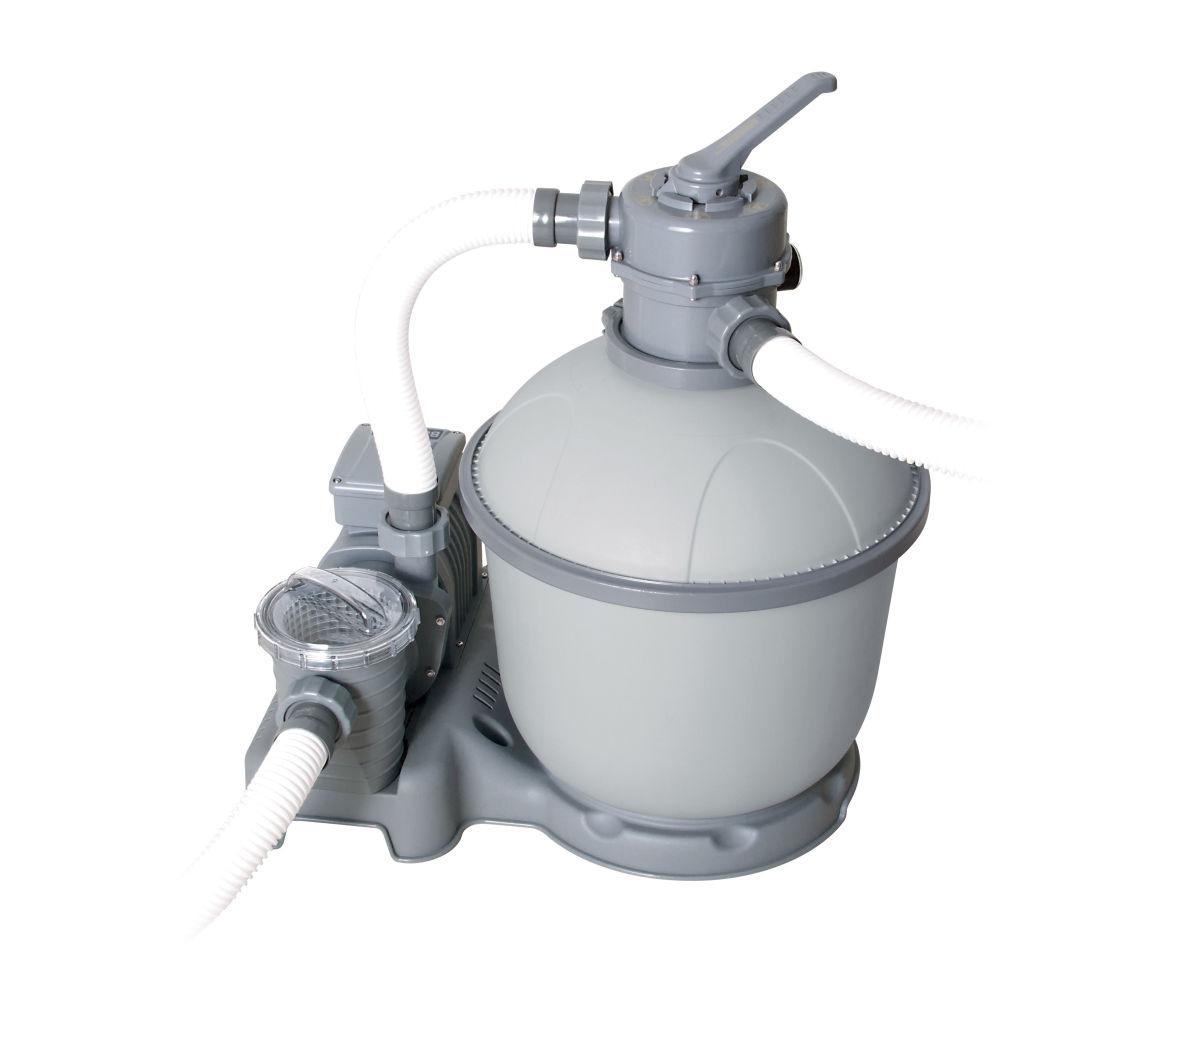 58404 - Filtre À Sable Flowclear™ Débit 5,678L/h intérieur Pieces Detachees Pour Filtre A Sable Piscine